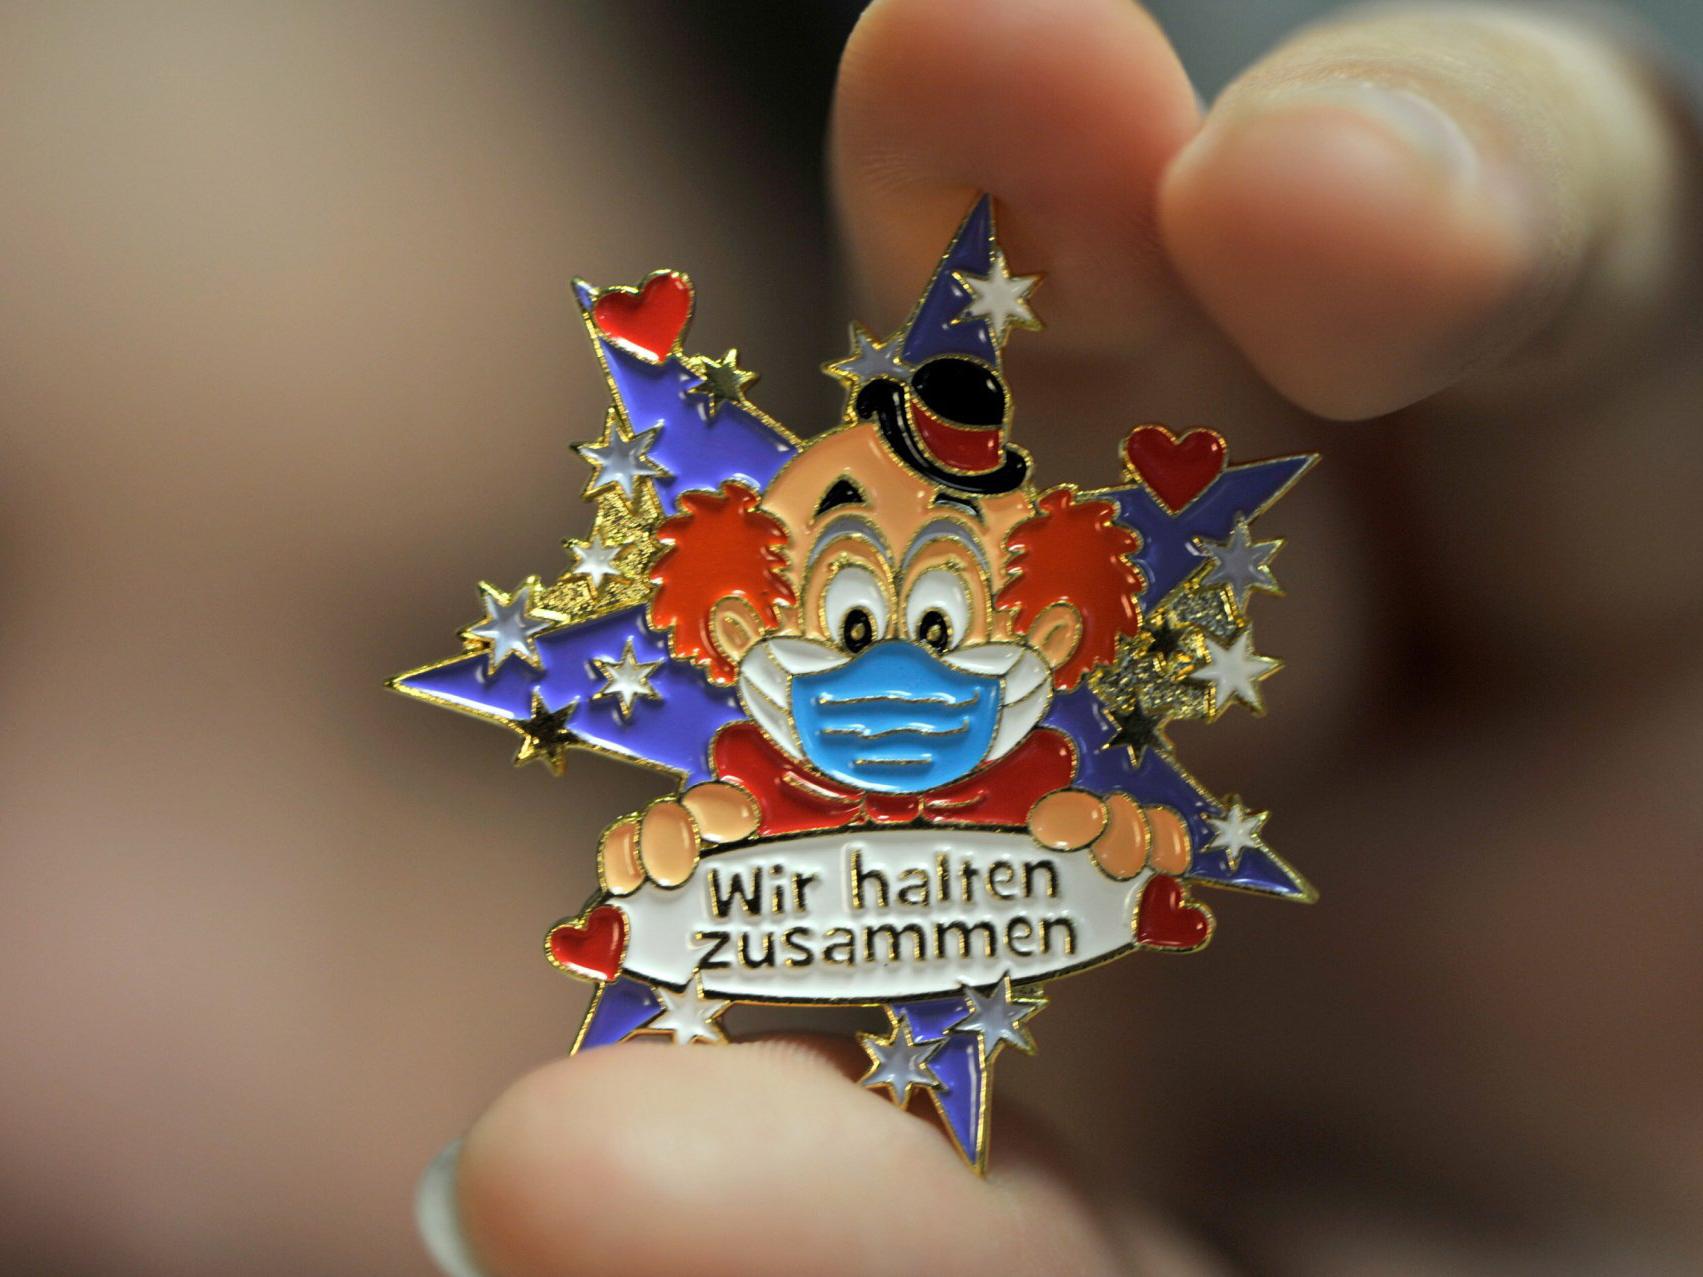 Allgemein Schneekugel Karnevalsprinz Schmitzens 12,5 cm Prinz Sch/üttelkugel Figur Karneval